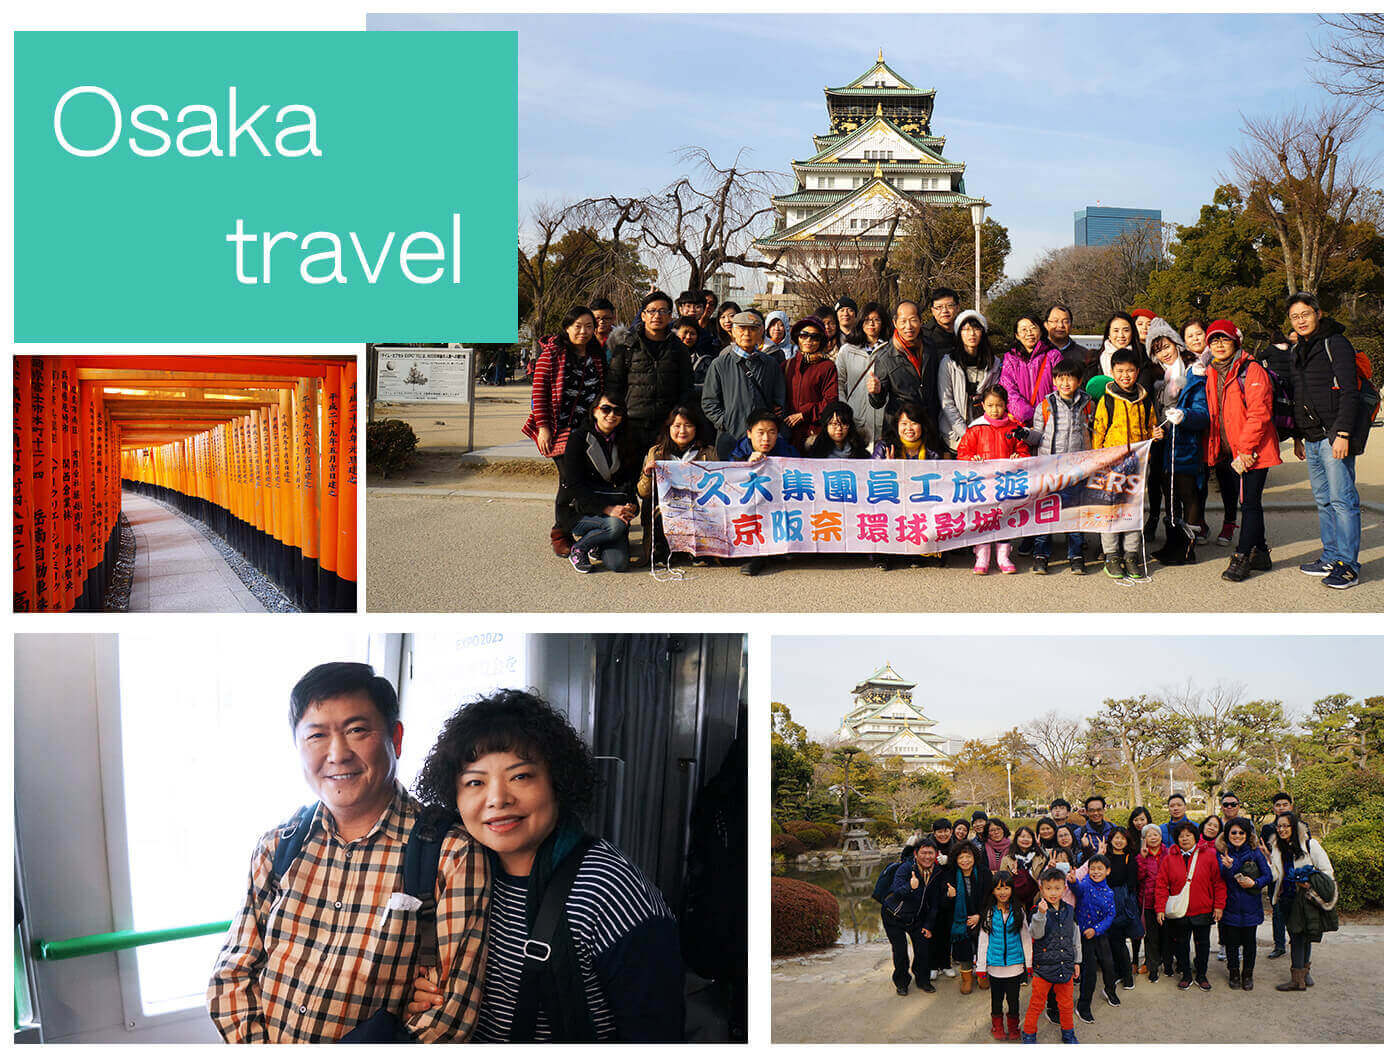 【員工旅遊】- 2018年度日本大阪員工旅遊